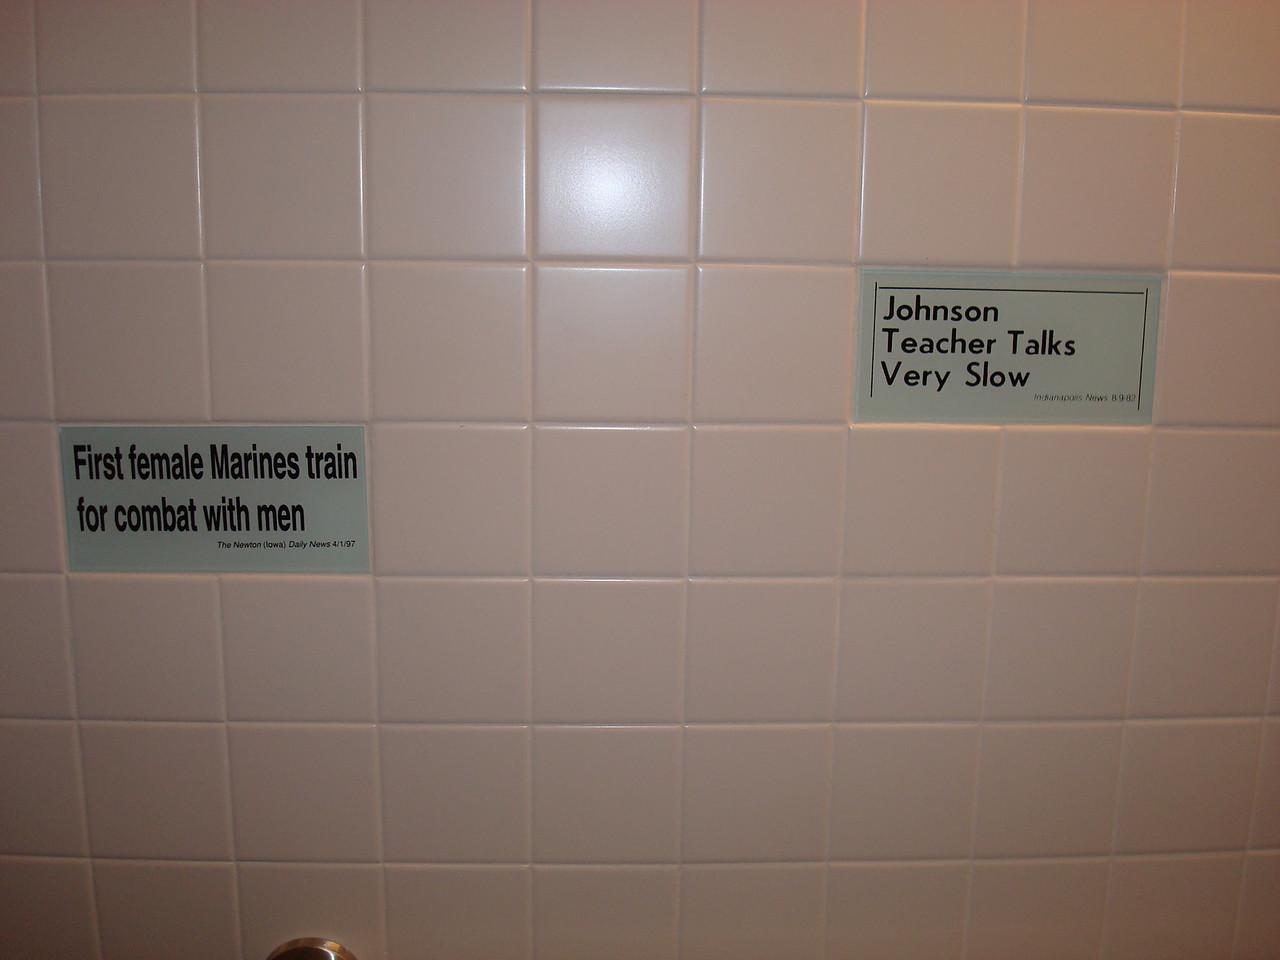 The Newseum bathroom. It amused me.